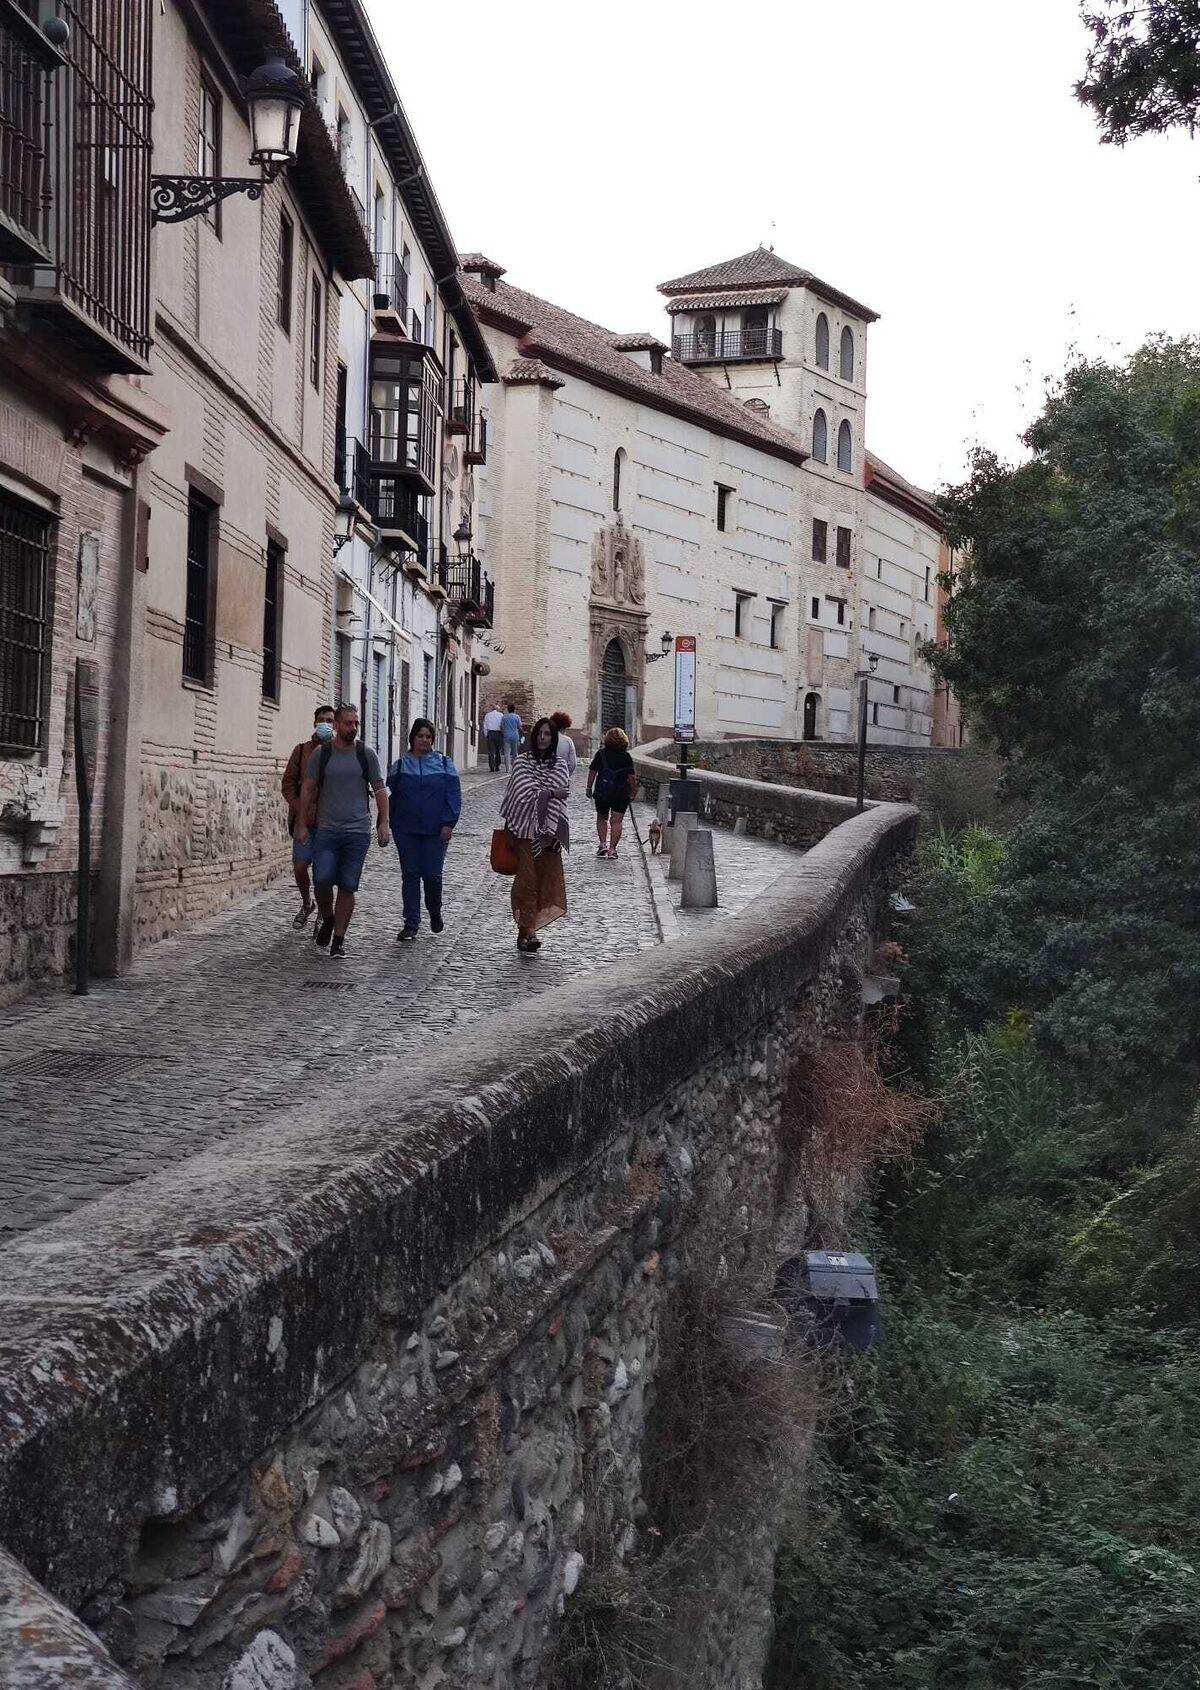 Para muchos viajeros la calle más bonita del mundo.